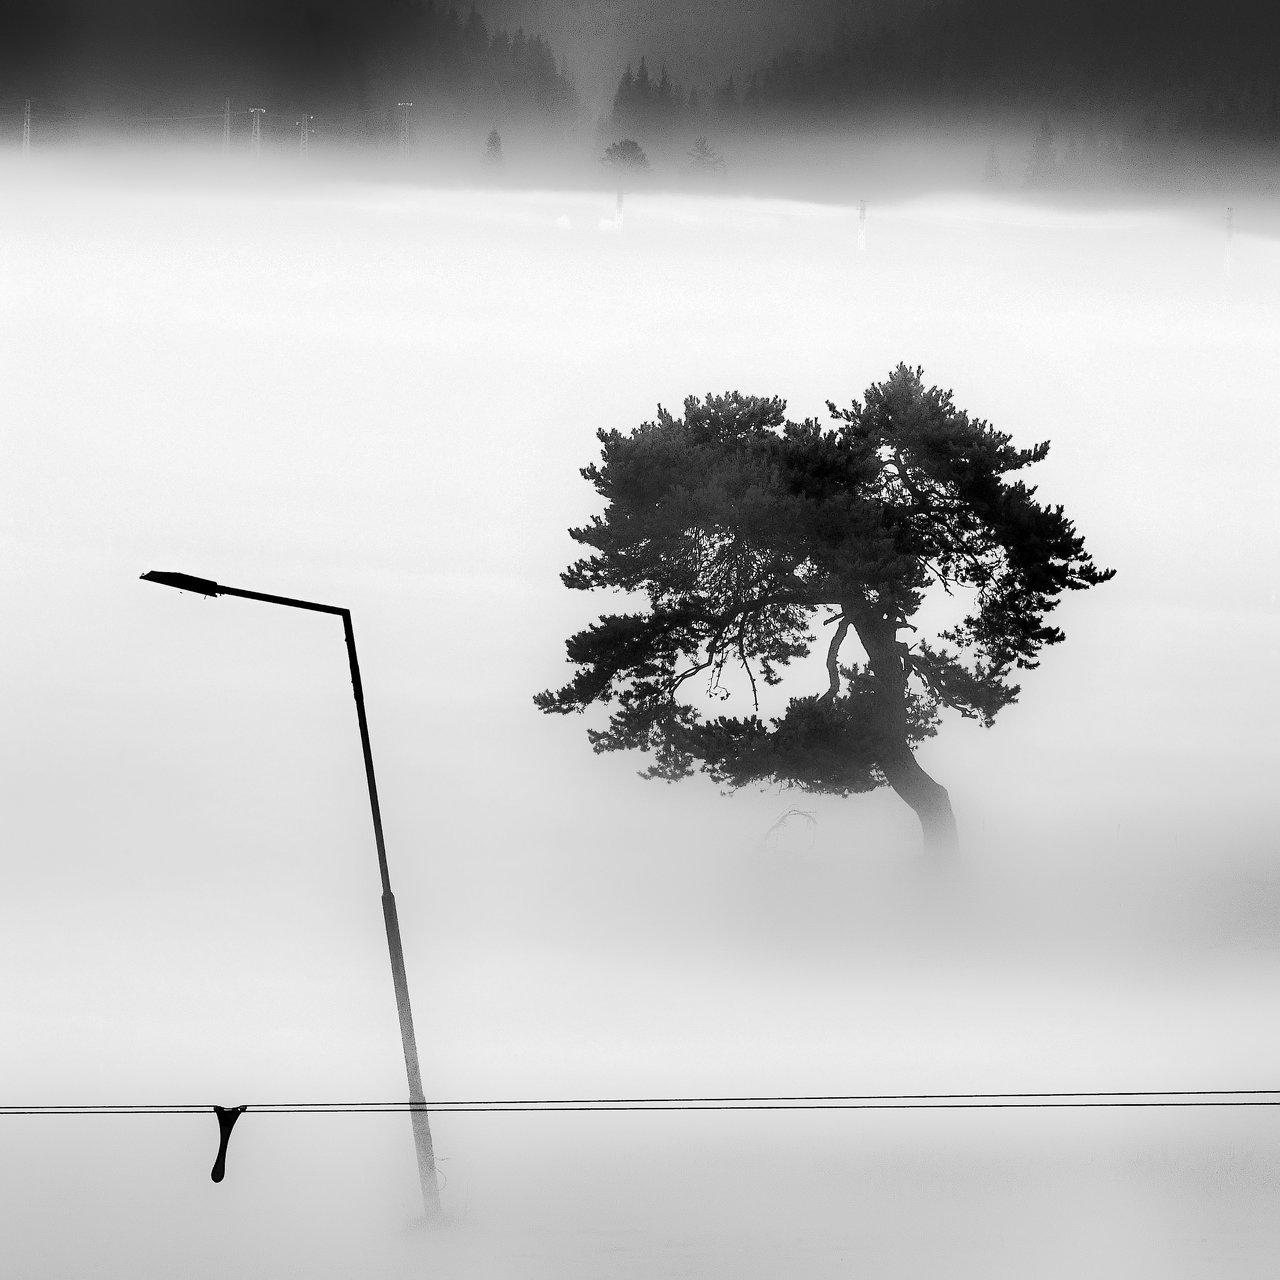 Photo in Everything else | Author kolmik | PHOTO FORUM